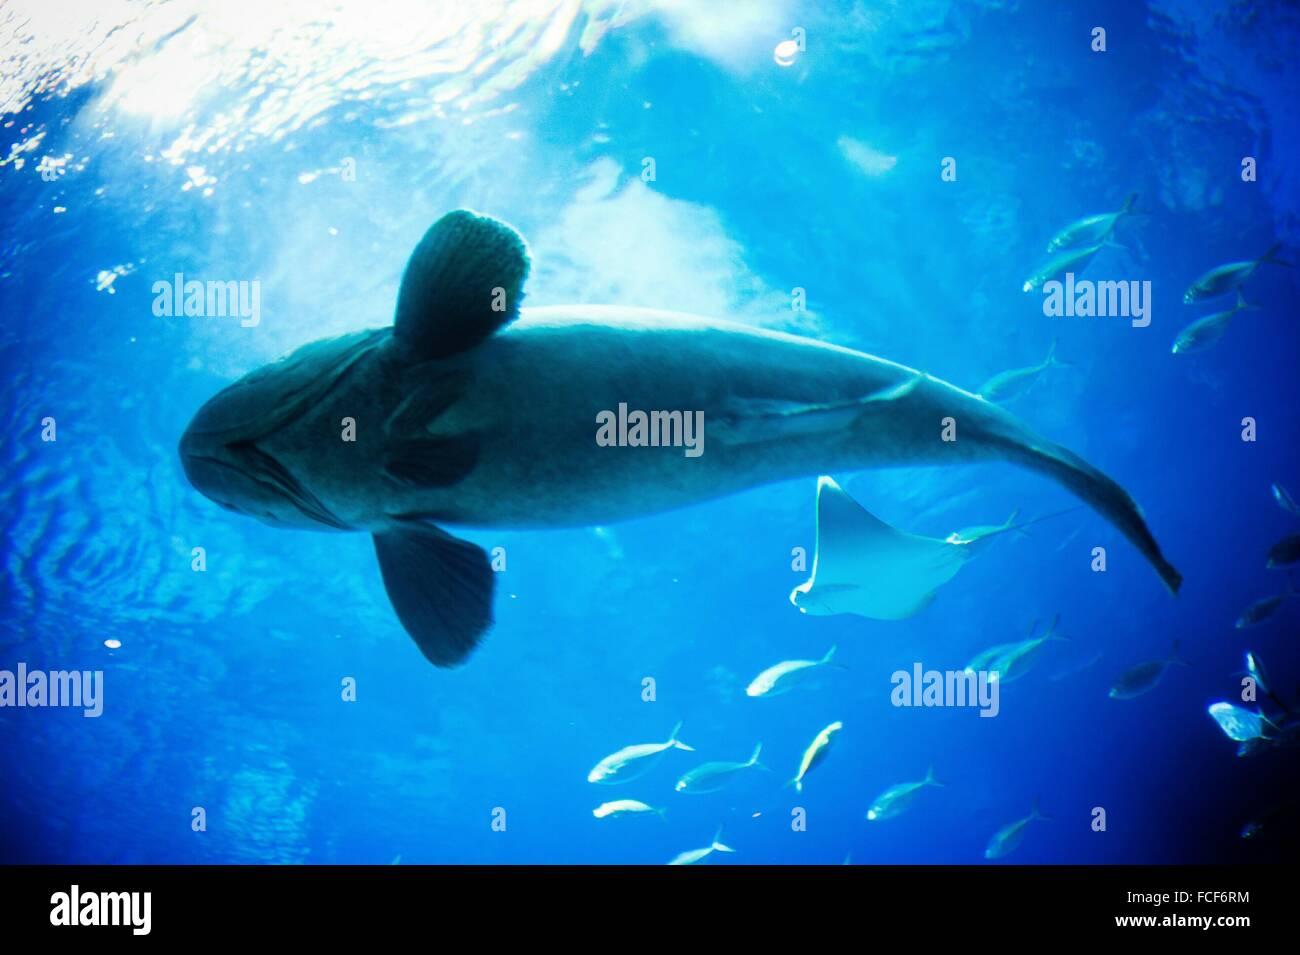 Vista submarina de pescado Imagen De Stock